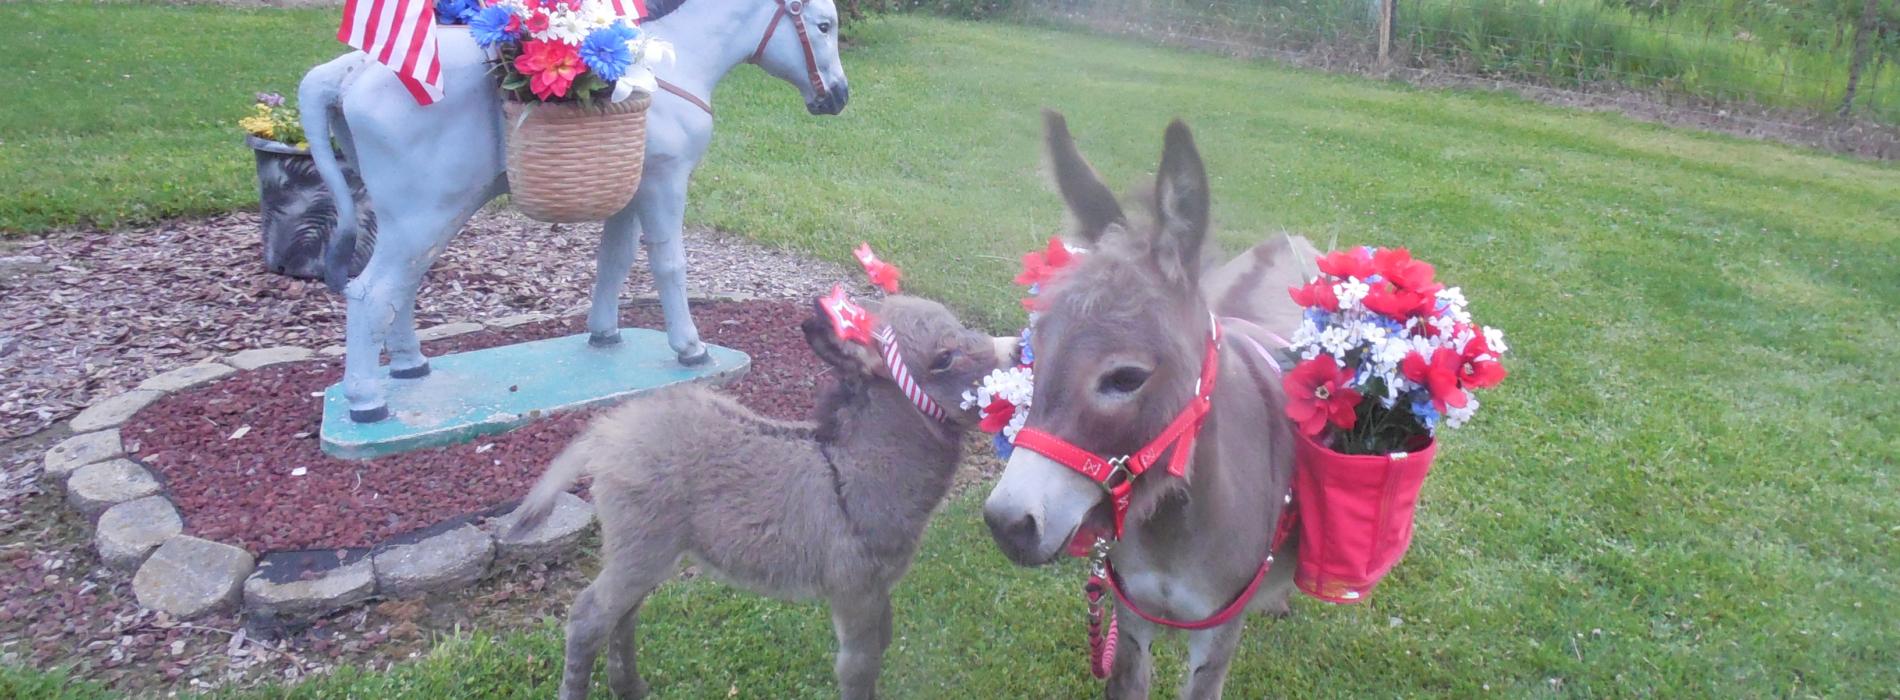 Sunny G Acres: Miniature Donkeys and Micro-Mini Donkeys